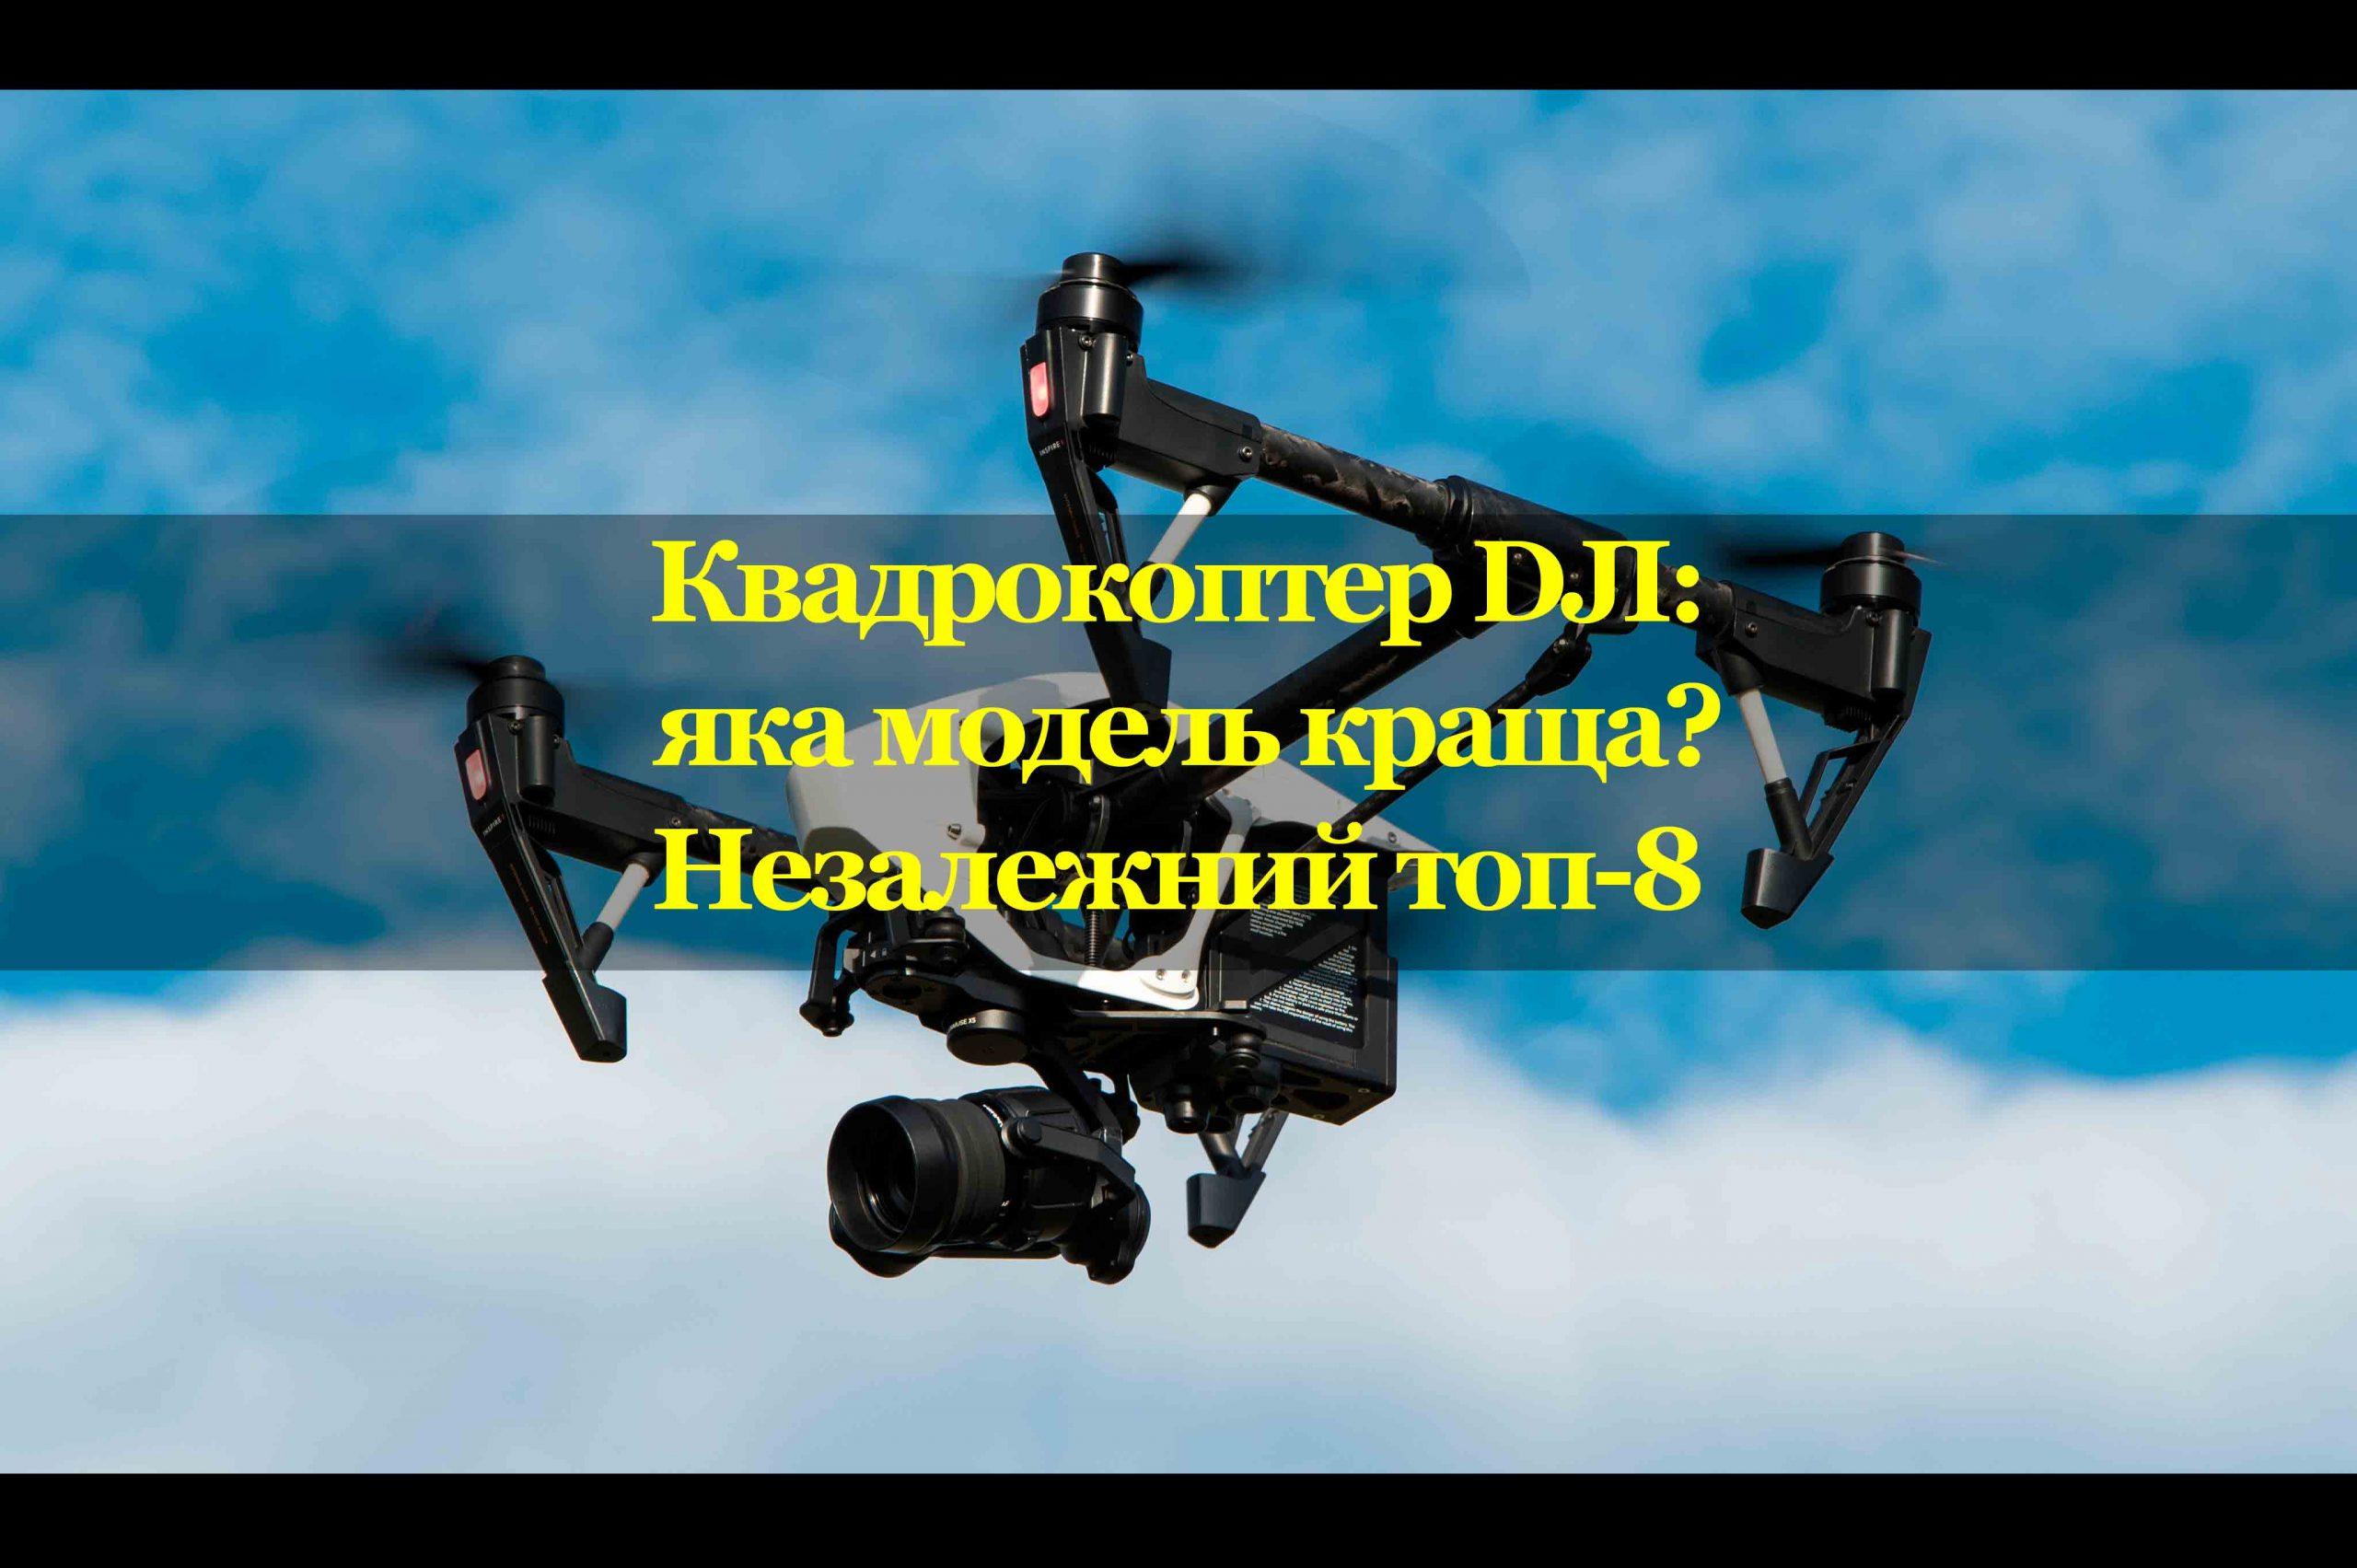 Зйомка з квадрокоптера DJI: яка модель краща?